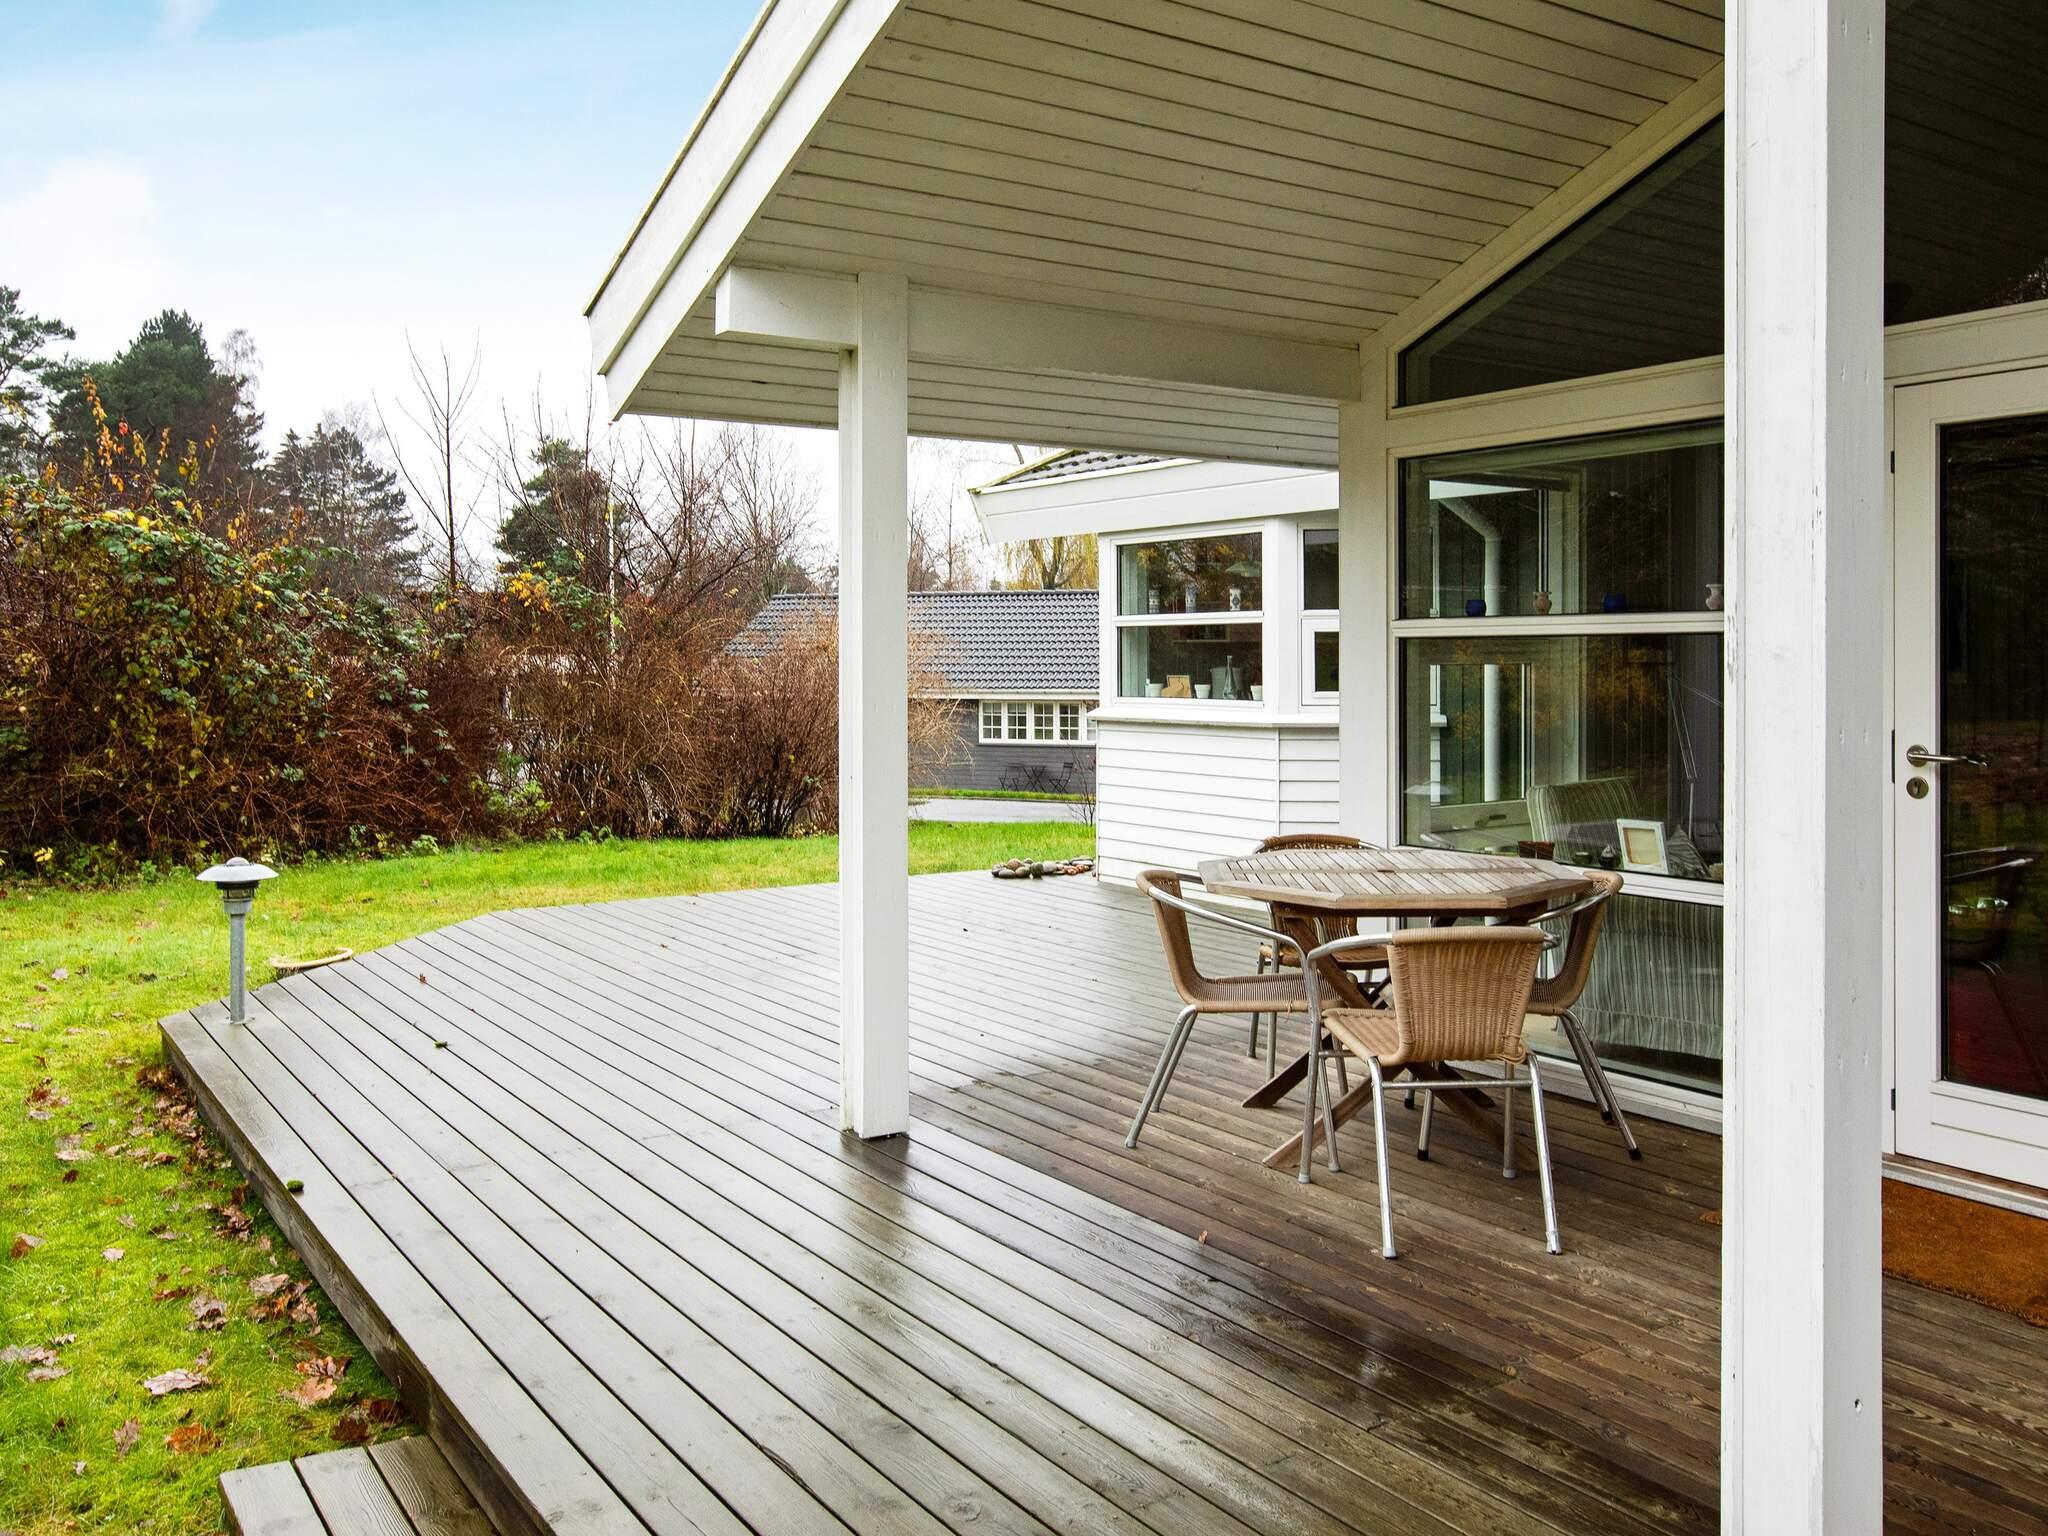 Ferienhaus Vejby (2701529), Vejby, , Nordseeland, Dänemark, Bild 20